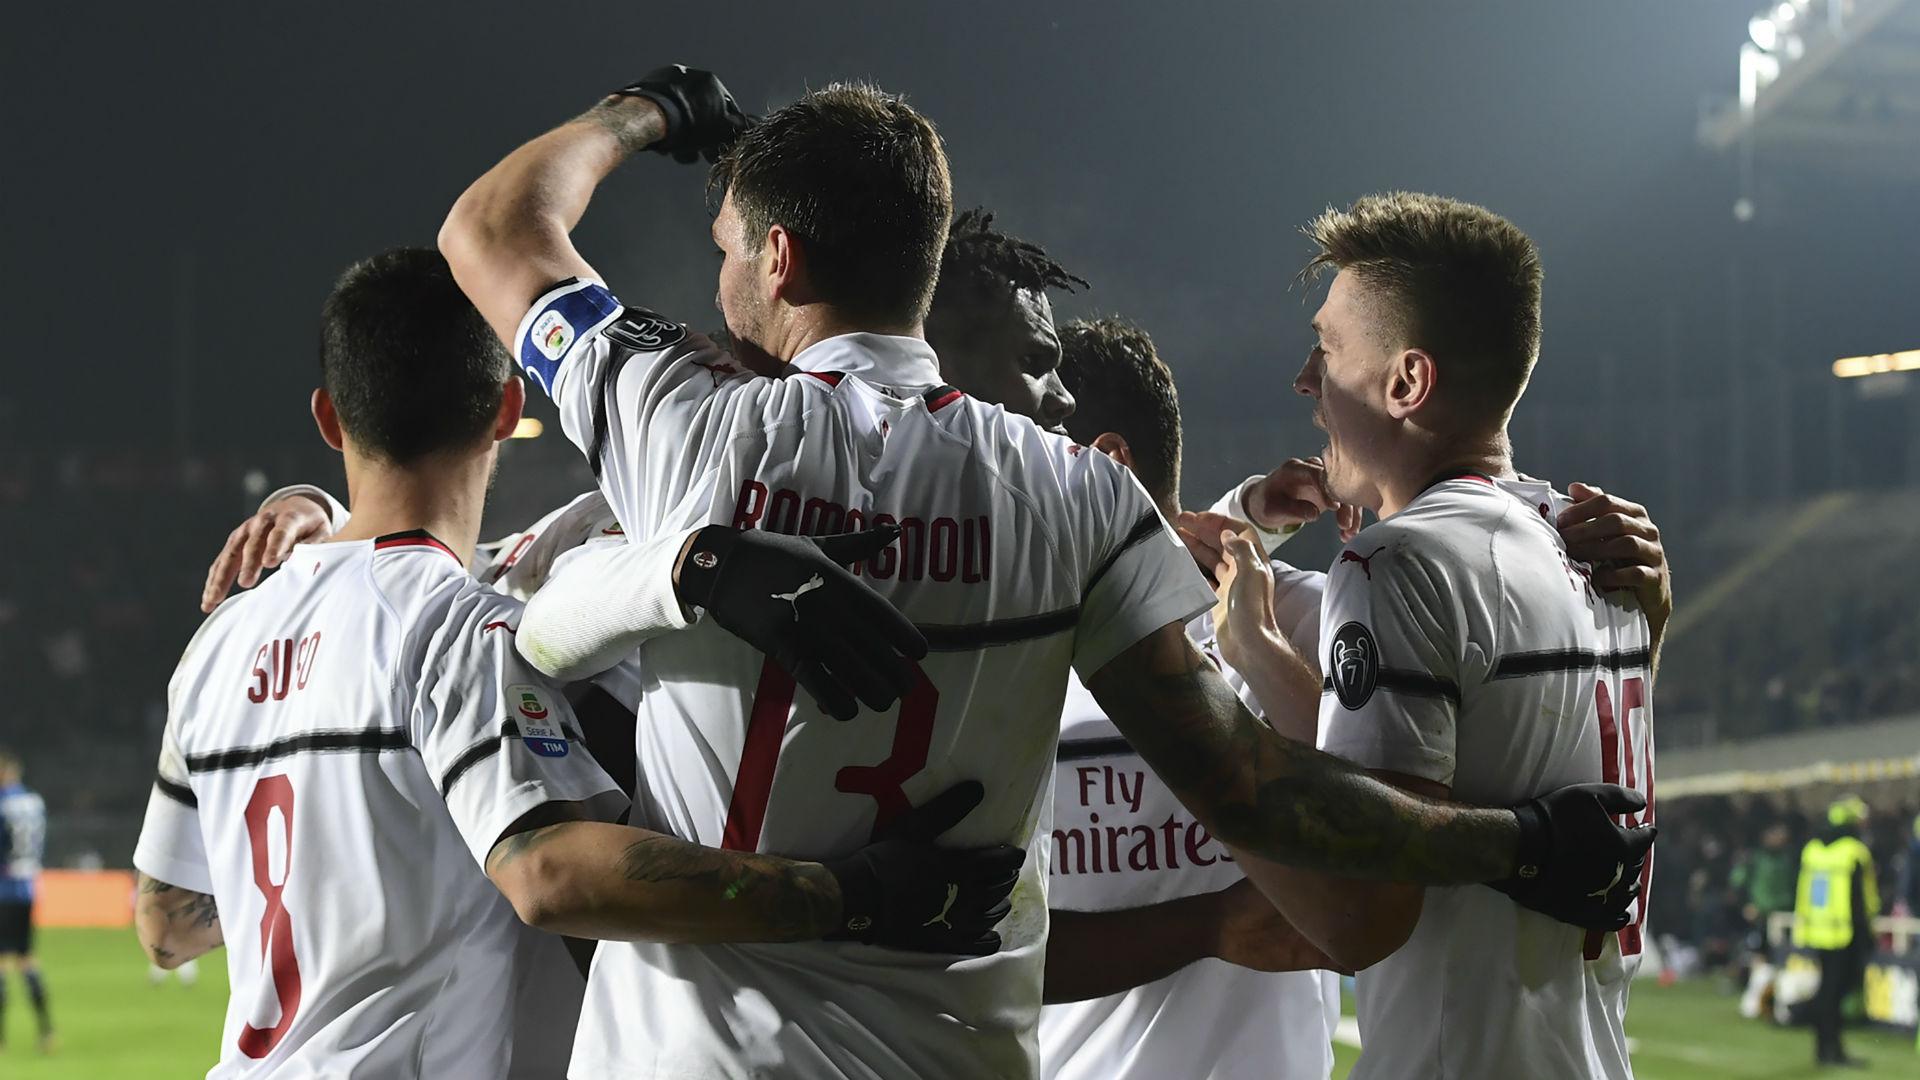 Milan celebrates Piatek vs. Atalanta